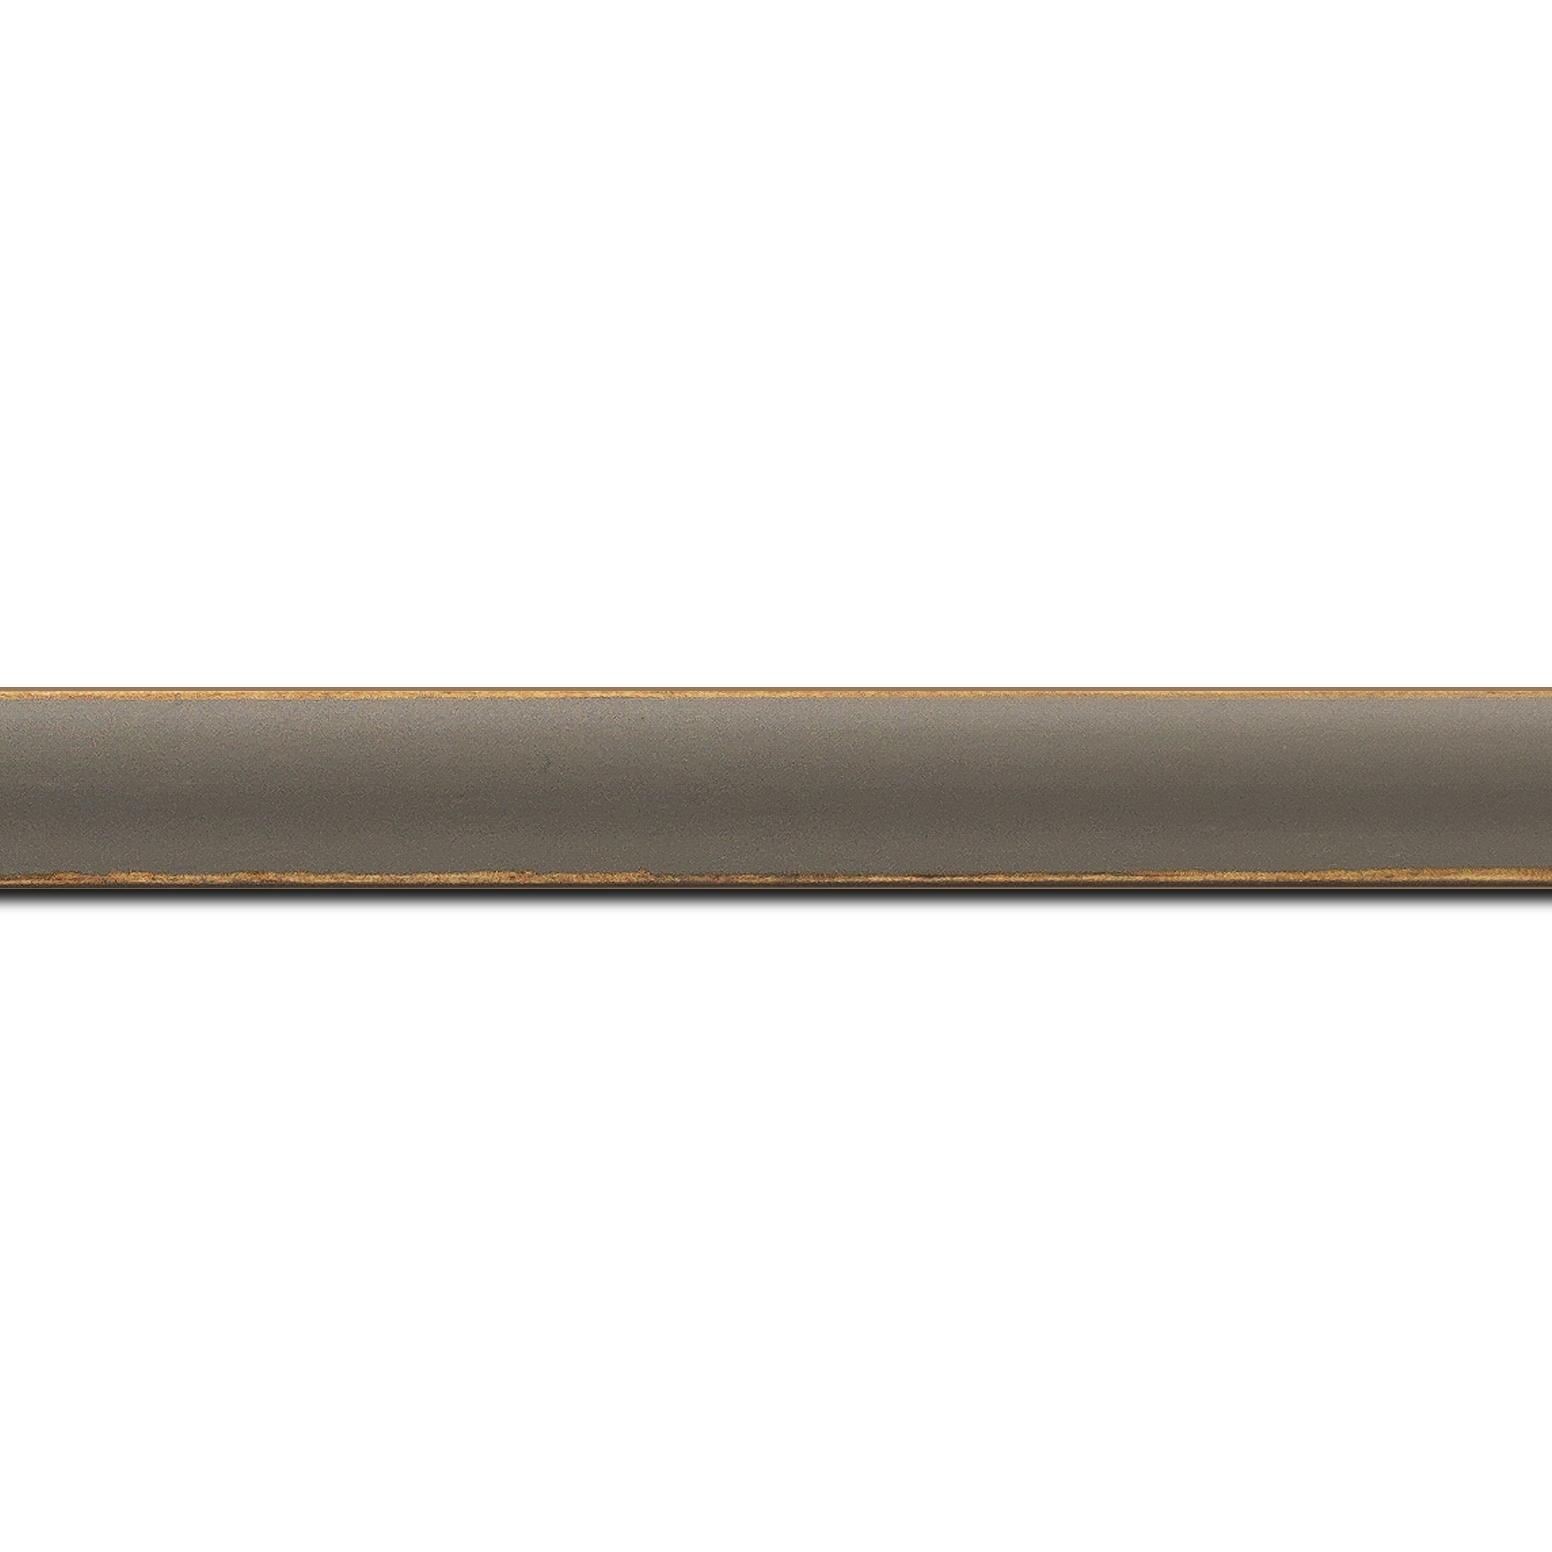 Baguette longueur 1.40m bois profil incurvé largeur 1.9cm couleur gris foncé mat bord ressuyé